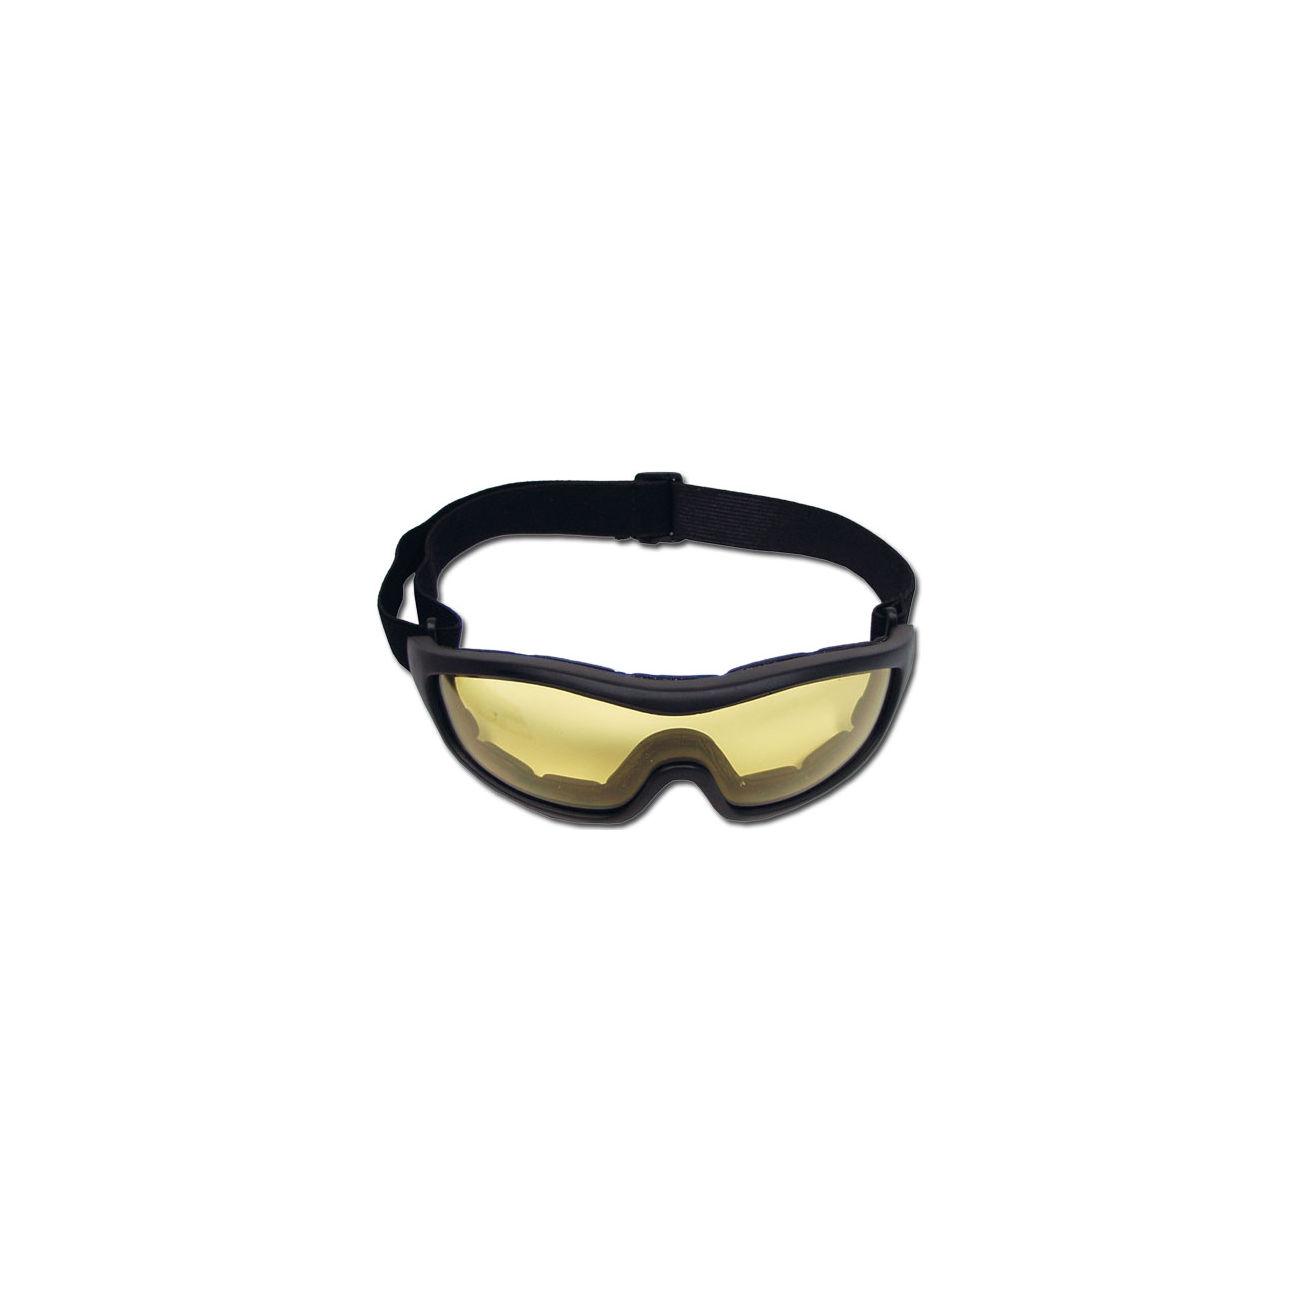 Brille mit gelben gläsern